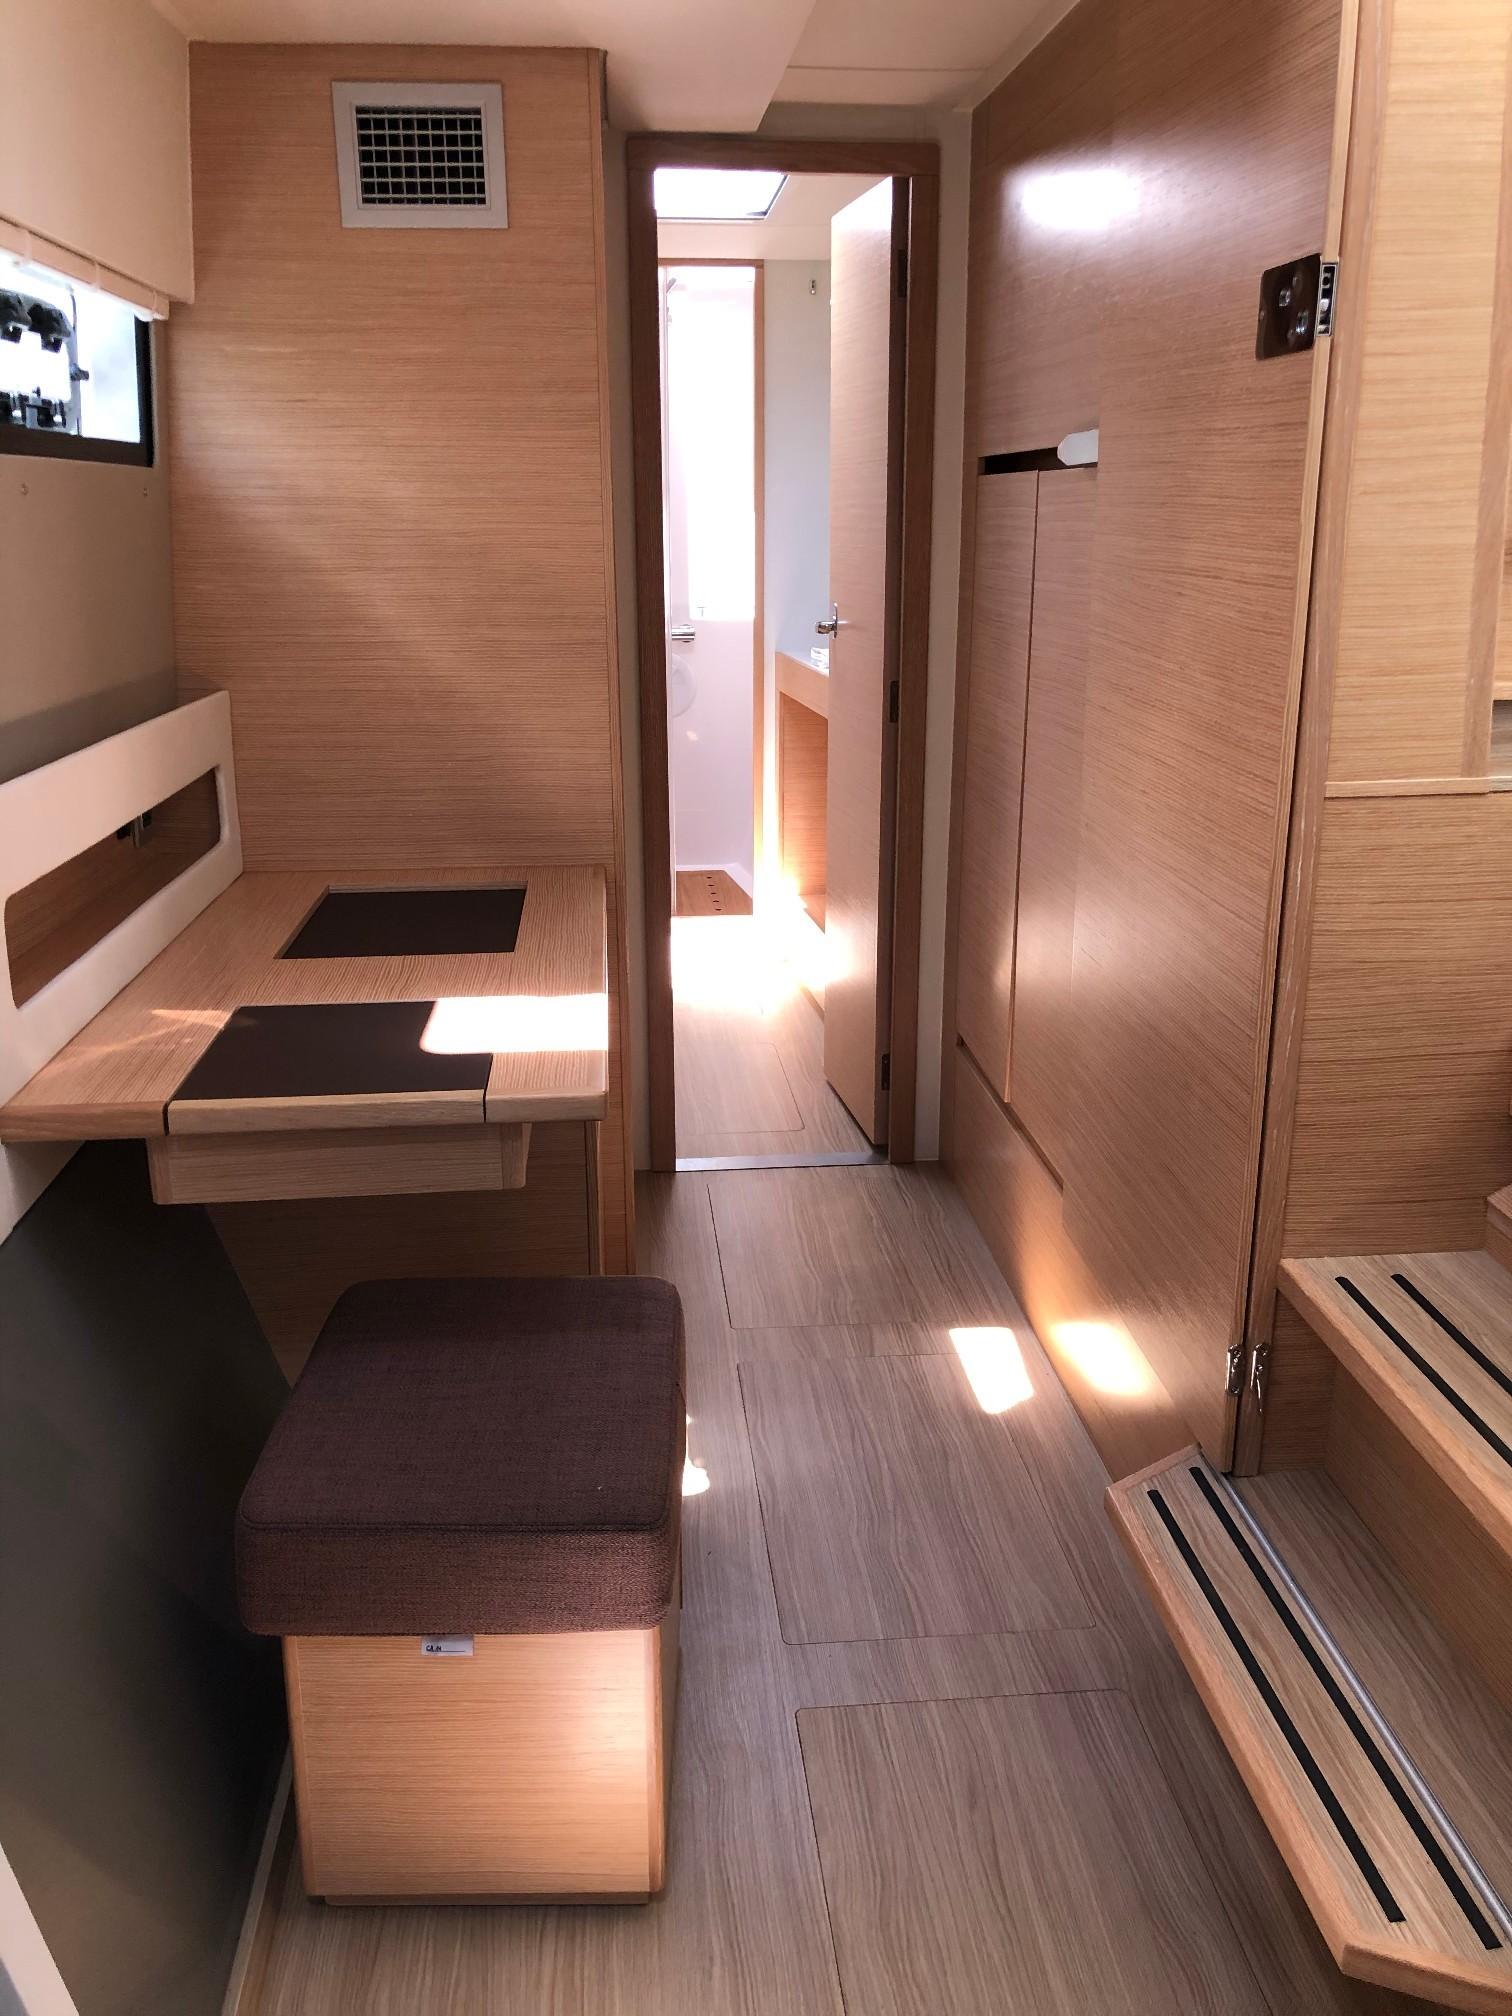 New Sail Catamaran for Sale 2019 Nautitech 40 Open Layout & Accommodations